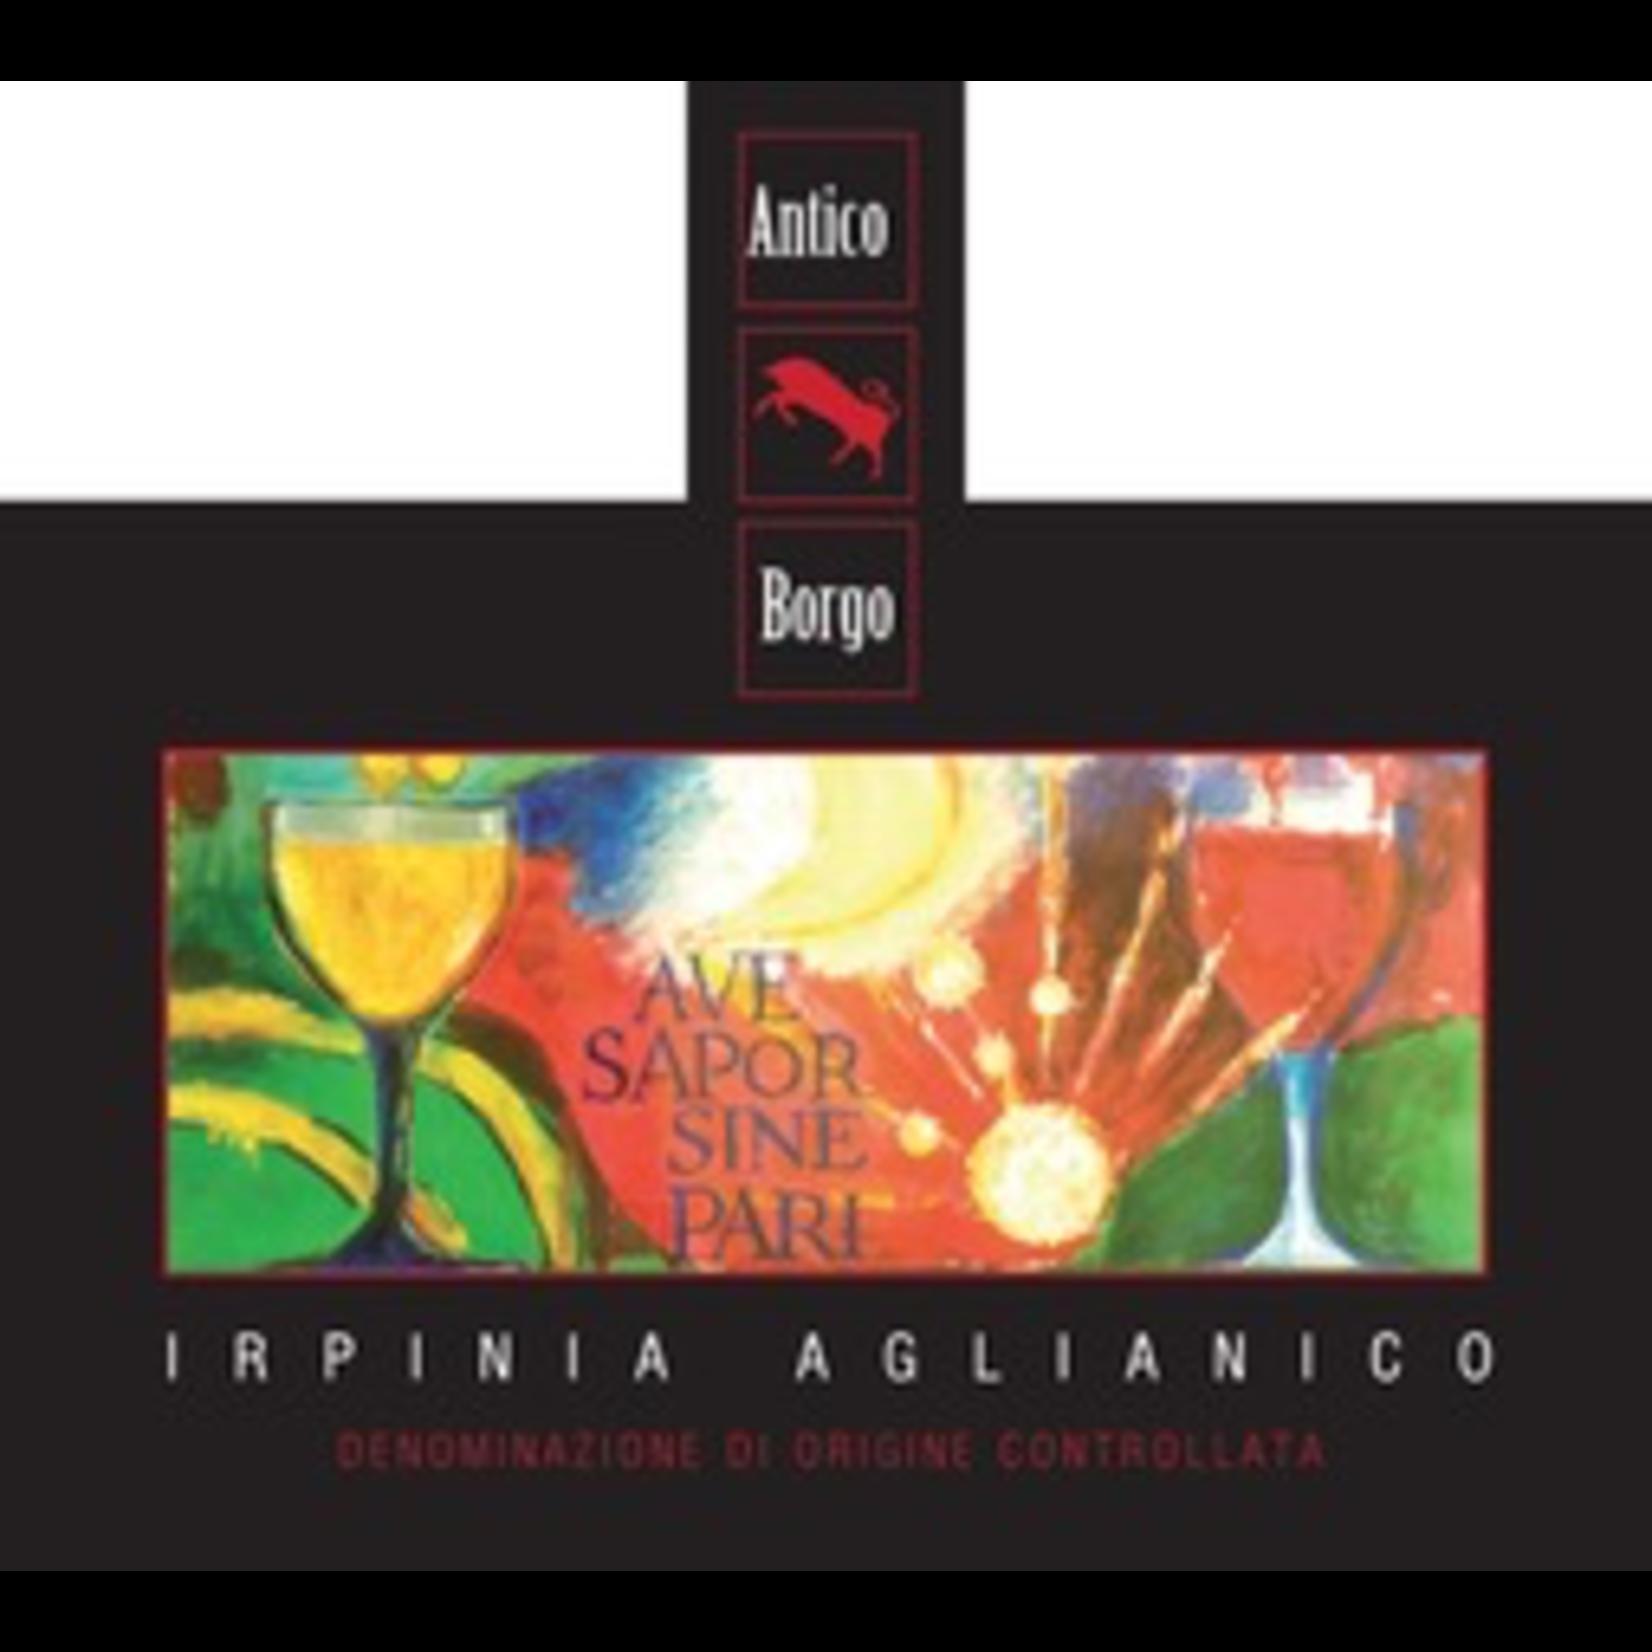 Wine Antico Borgo Irpinia Aglianico